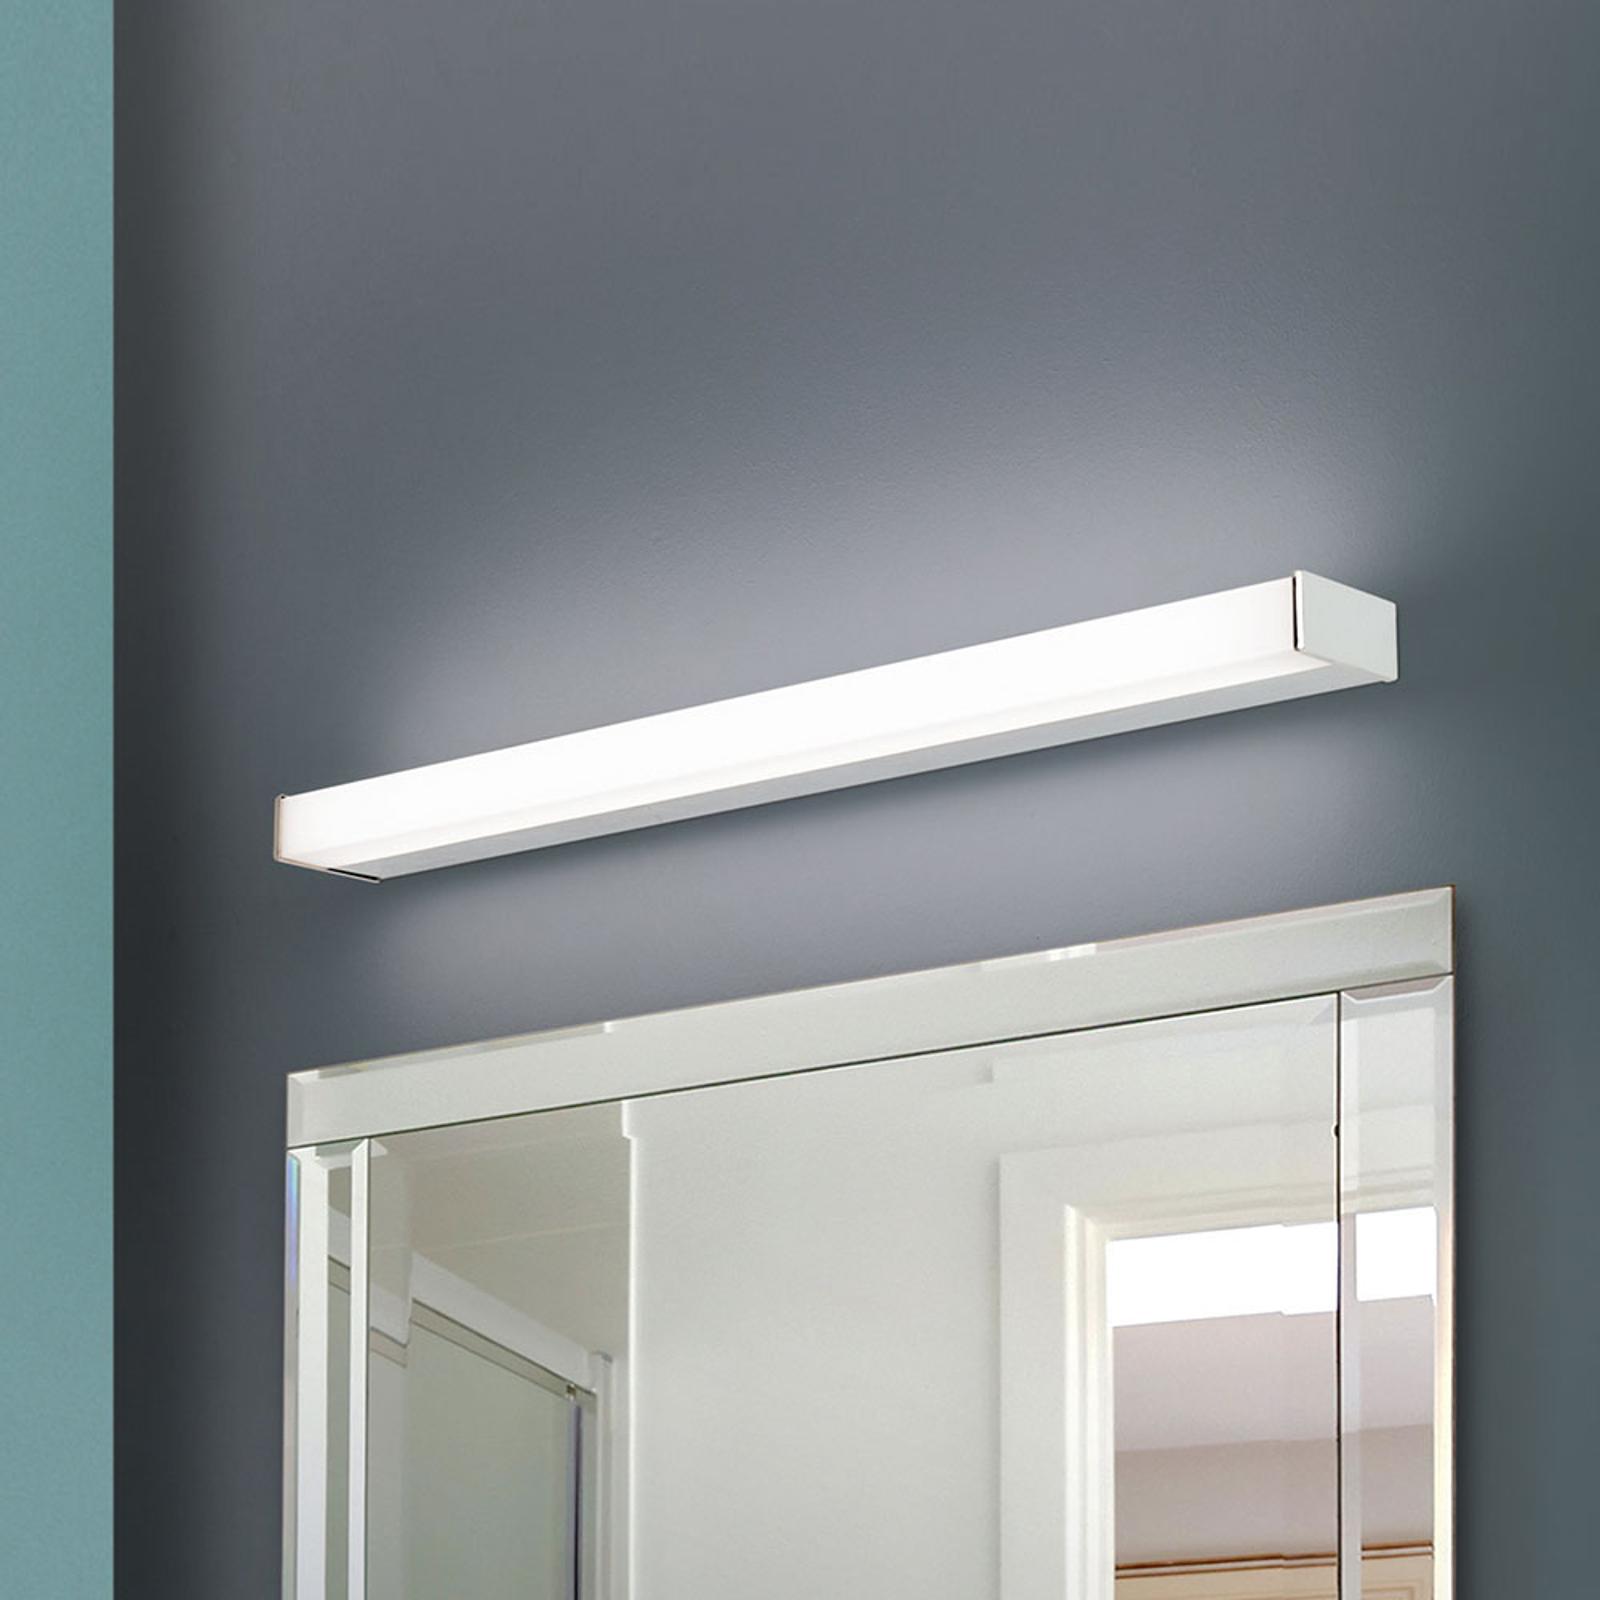 Applique pour miroir LED Marilyn 70cm chromée